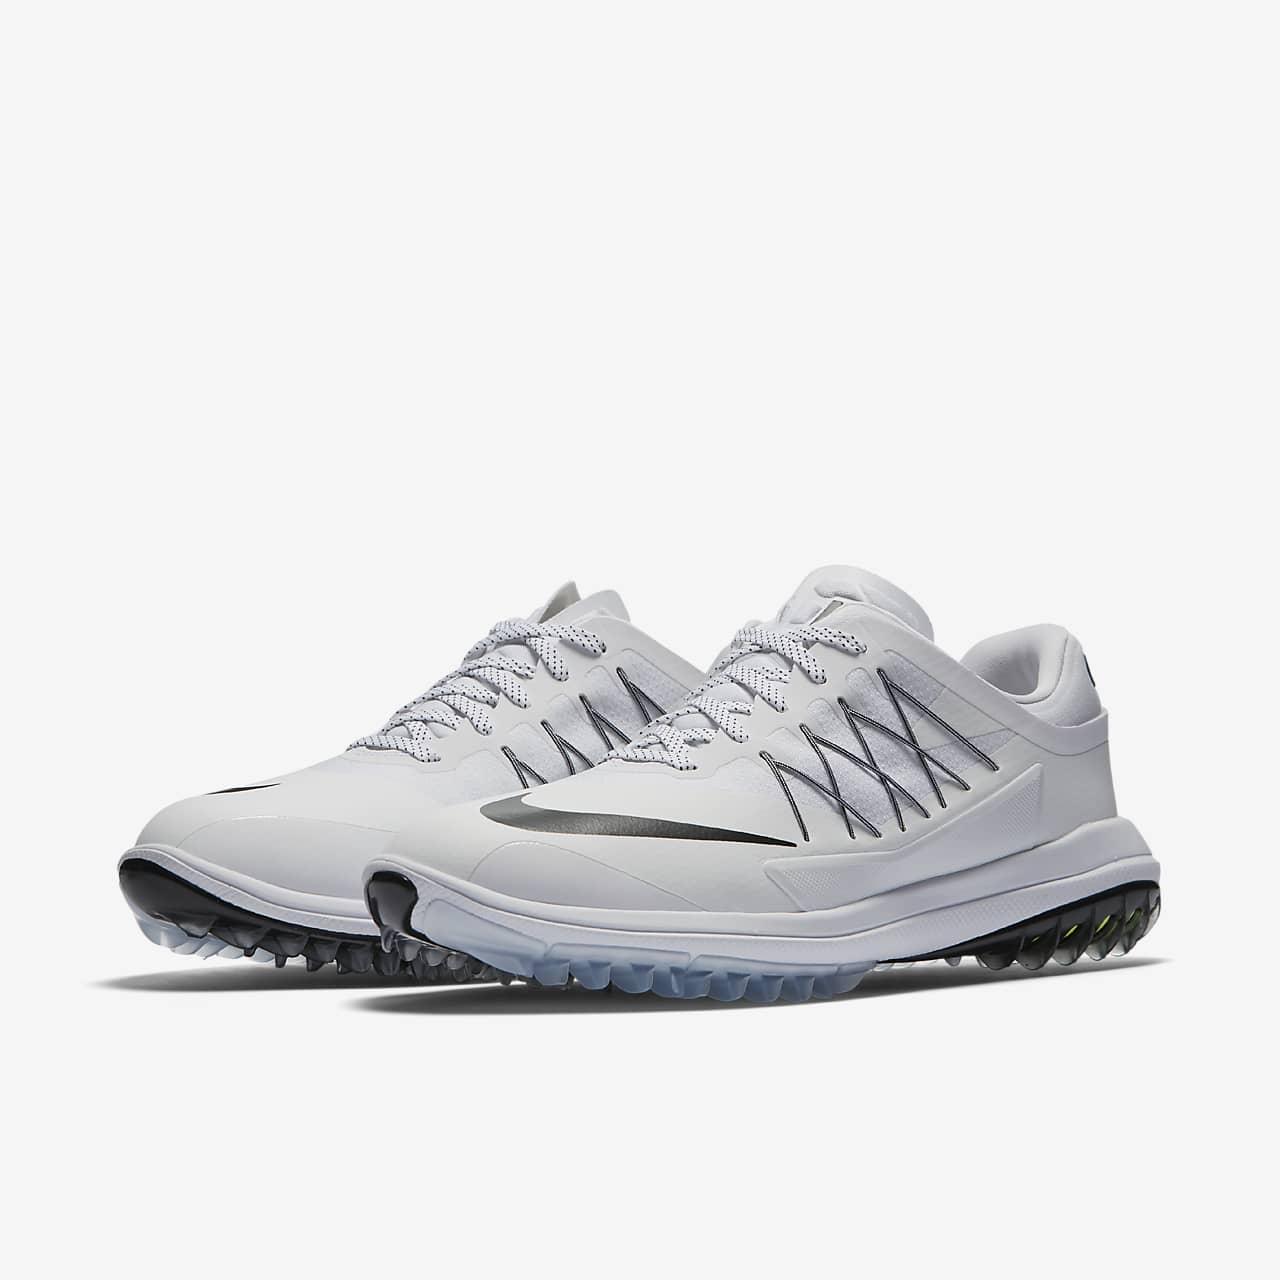 lunar control vapor golf shoes